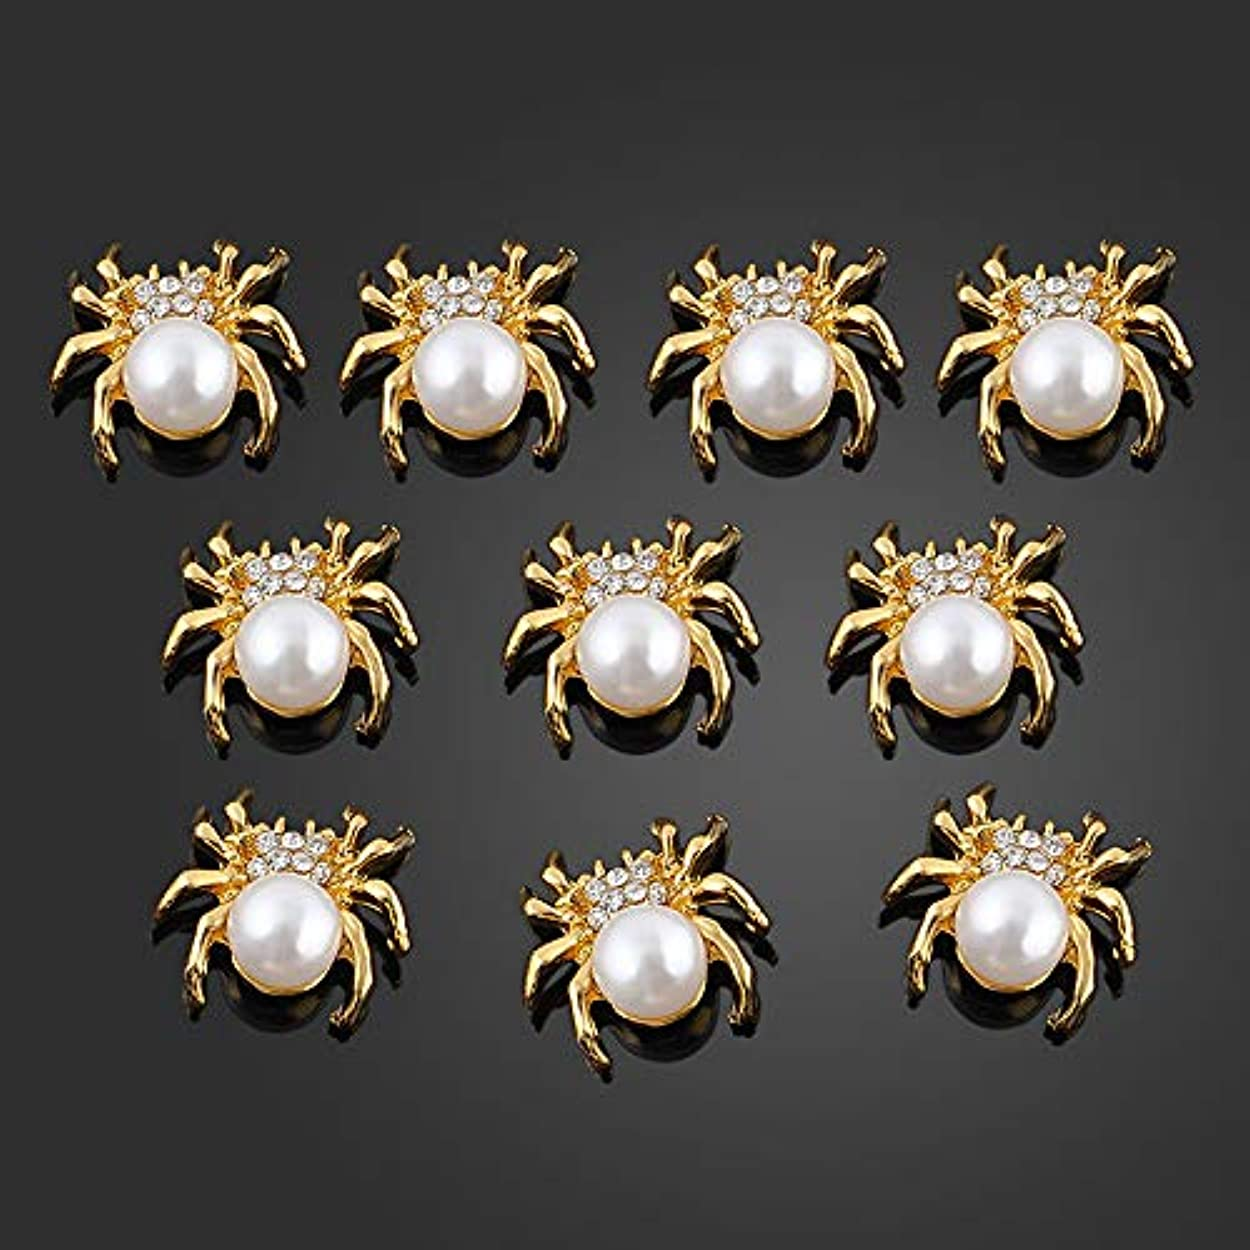 キルトメディック生きる10個/ロット新しいグリッターゴールドスパイダー3DネイルチャームジュエリーDIYパール合金ネイルアートの装飾ネイルツールステッカー